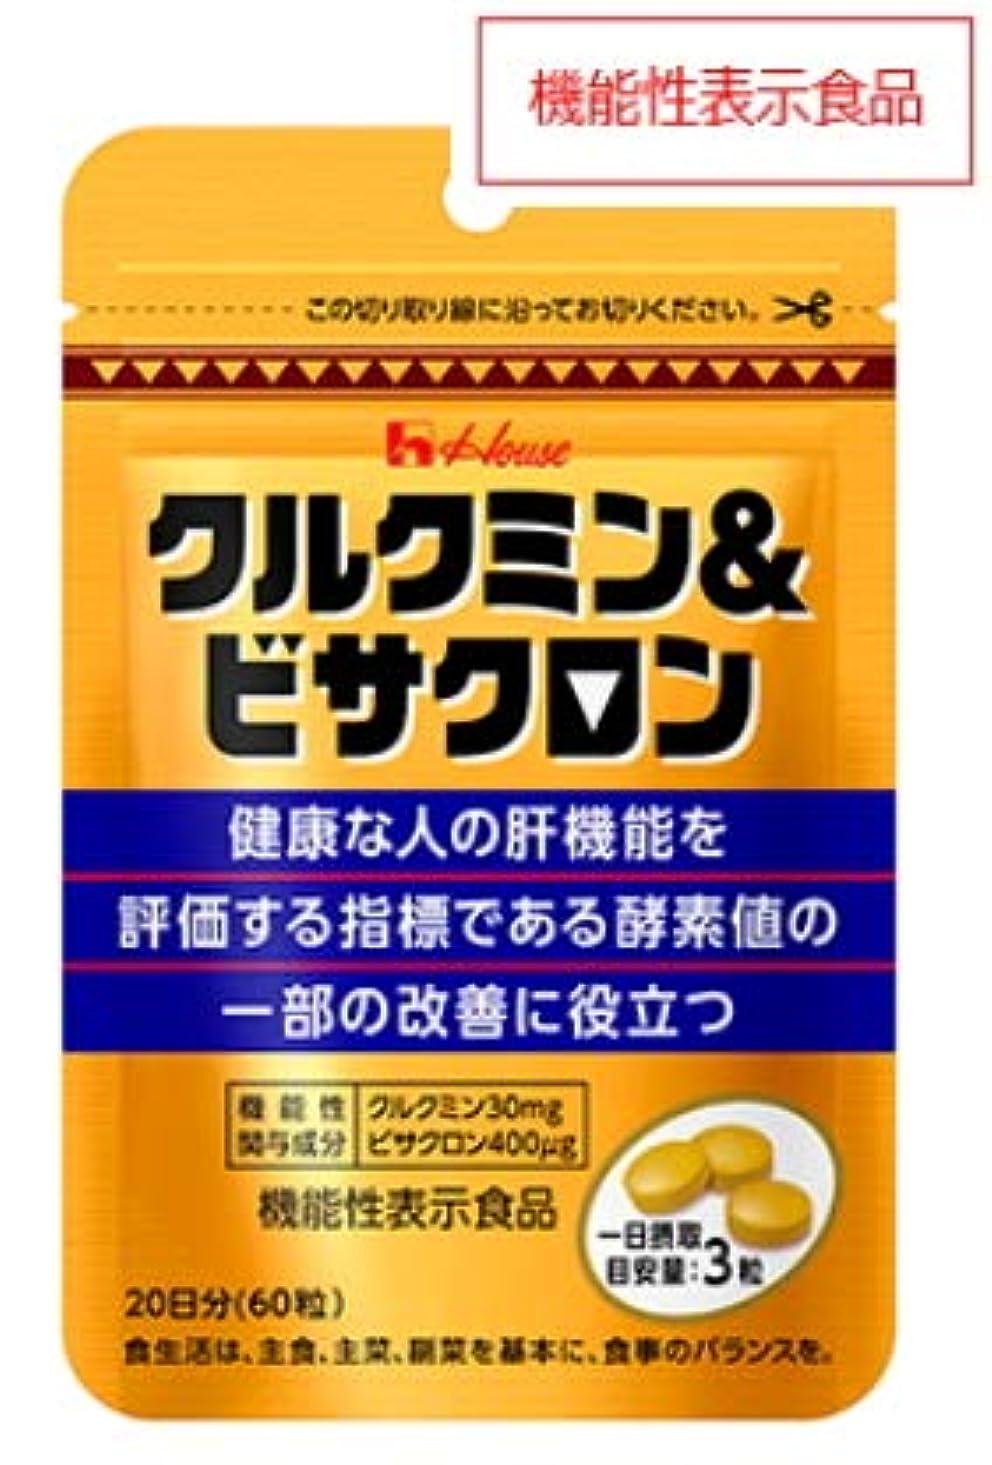 戸棚警告する特権的ハウス クルクミン&ビサクロン 60粒(20日分)2個セット【機能性表示食品】